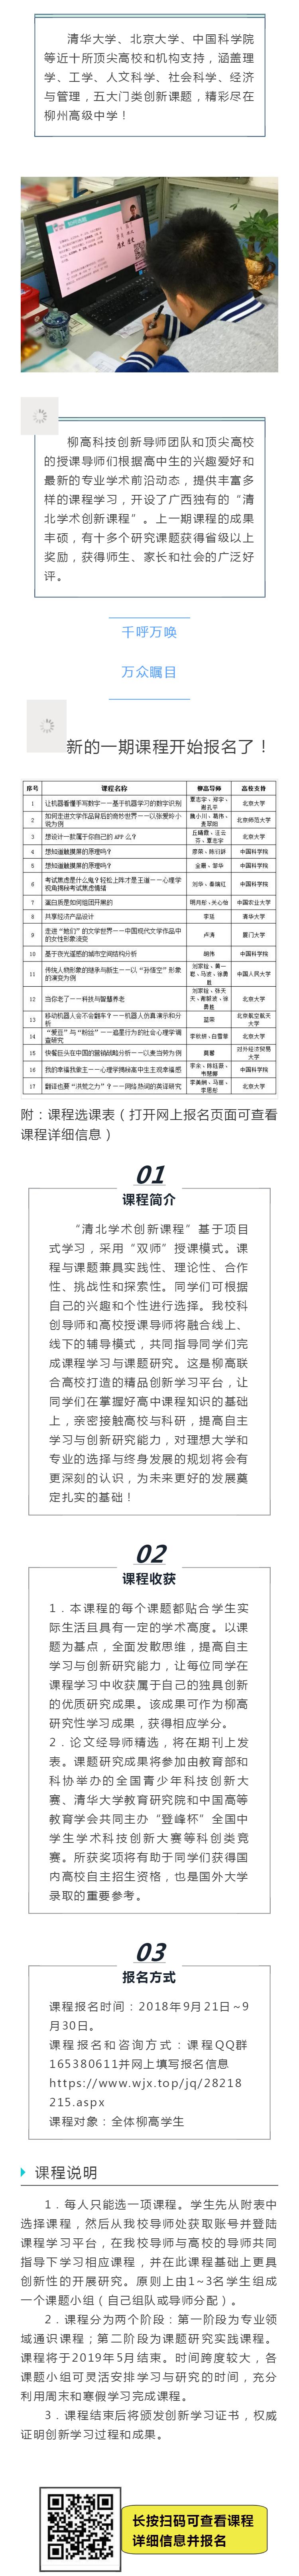 """2018年柳高""""清北學術創新課程""""開課啦.png"""